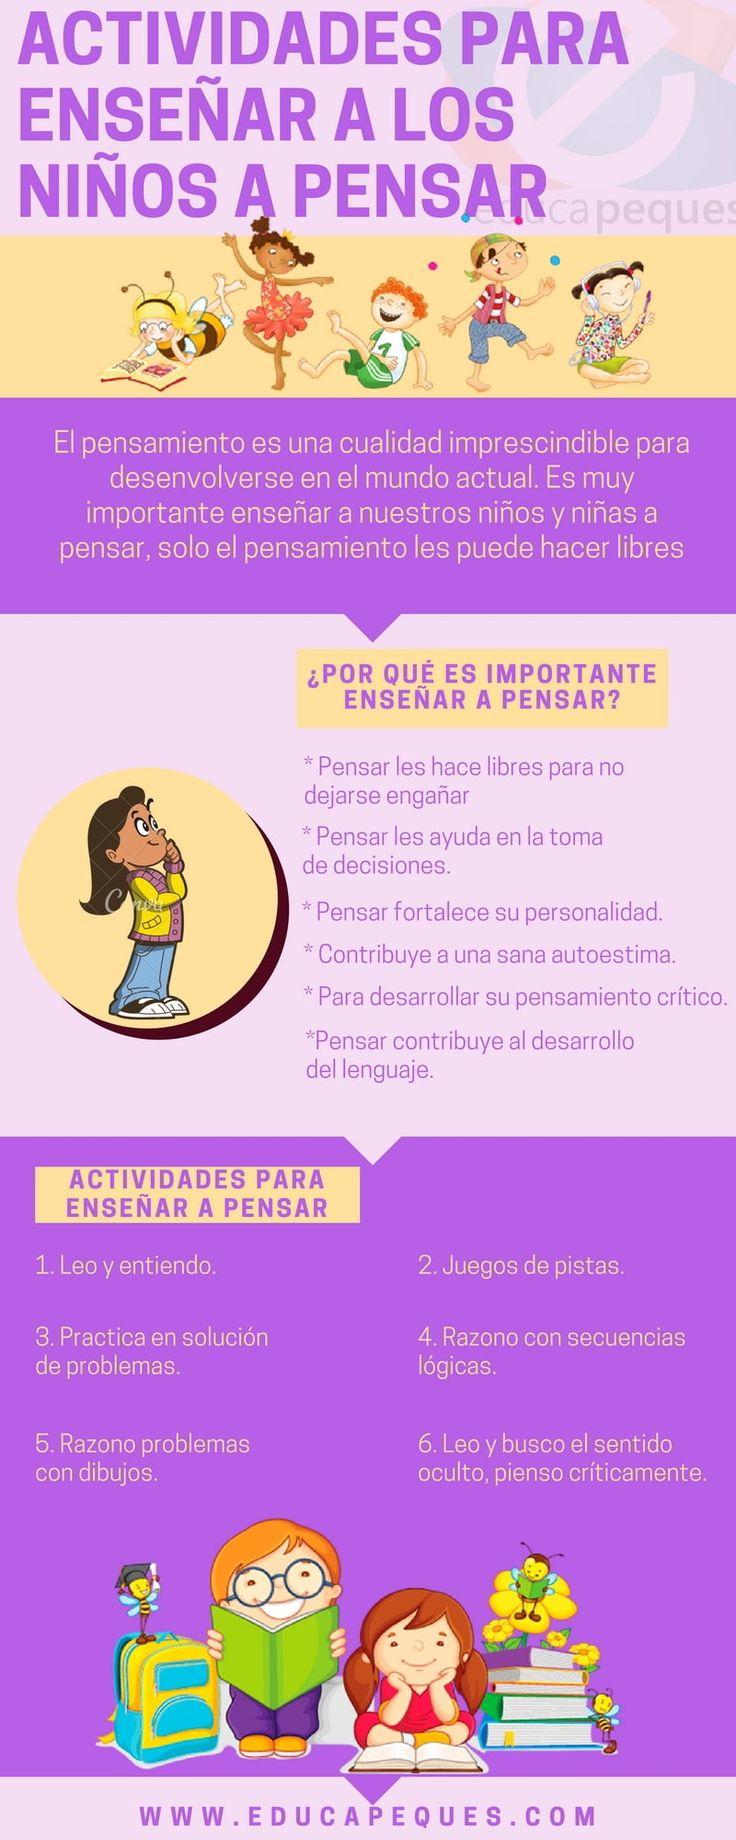 """Hola: Compartimos una interesante infografía sobre """"Cómo Enseñar a Pensar a los Niños"""" Un gran saludo.  Visto en: educapeques.com  También debería revisar: Estrategias para …"""